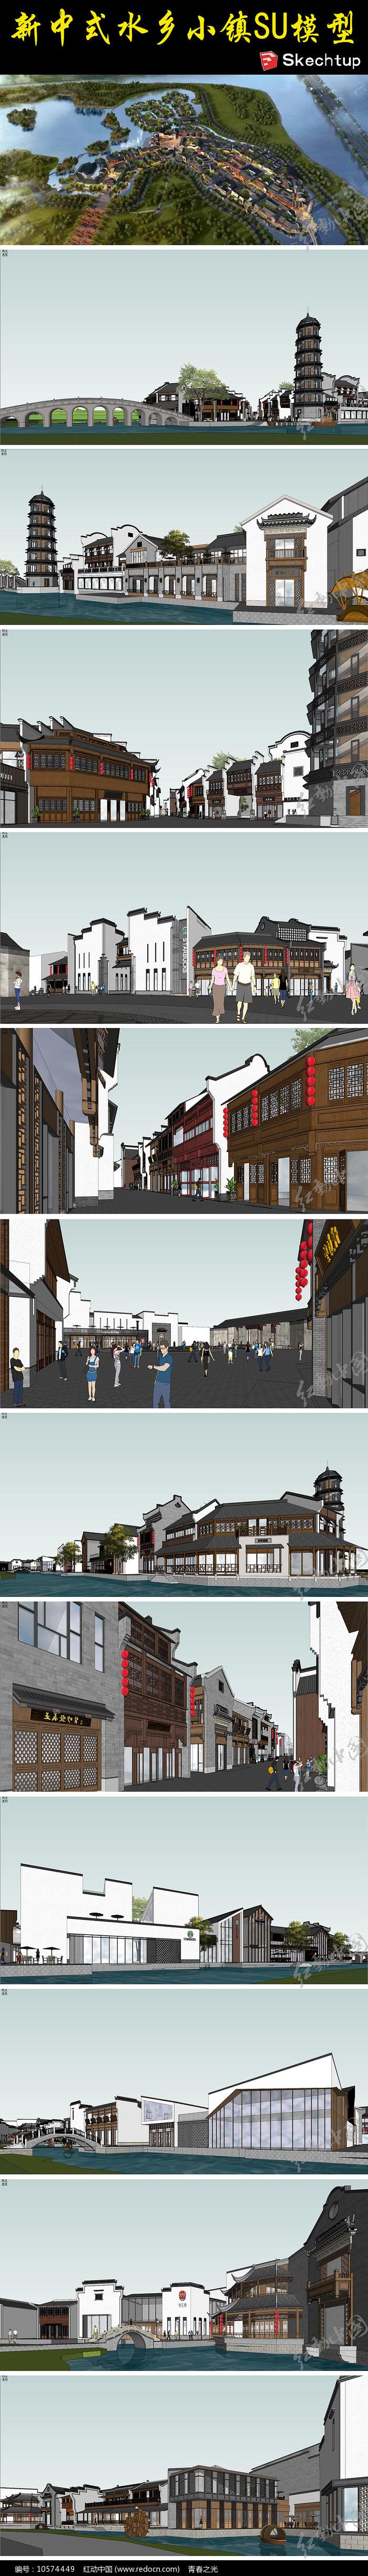 新中式水乡小镇SU模型图片